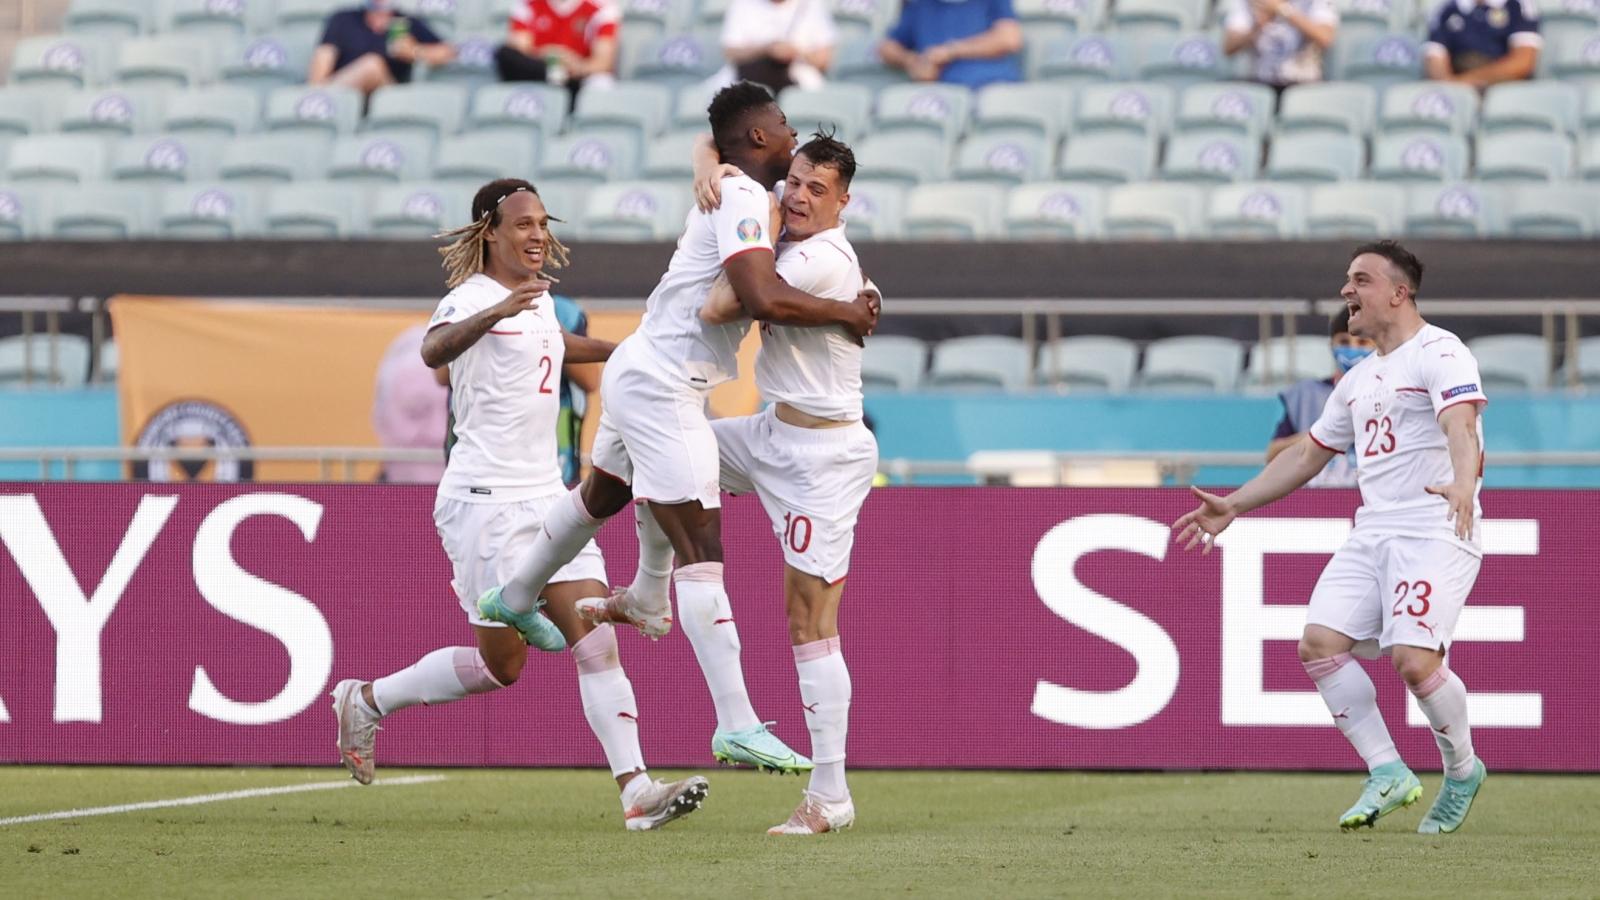 Trực tiếp Xứ Wales 0-1 Thụy Sĩ: Breel Embolo ghi bàn đẹp mắt